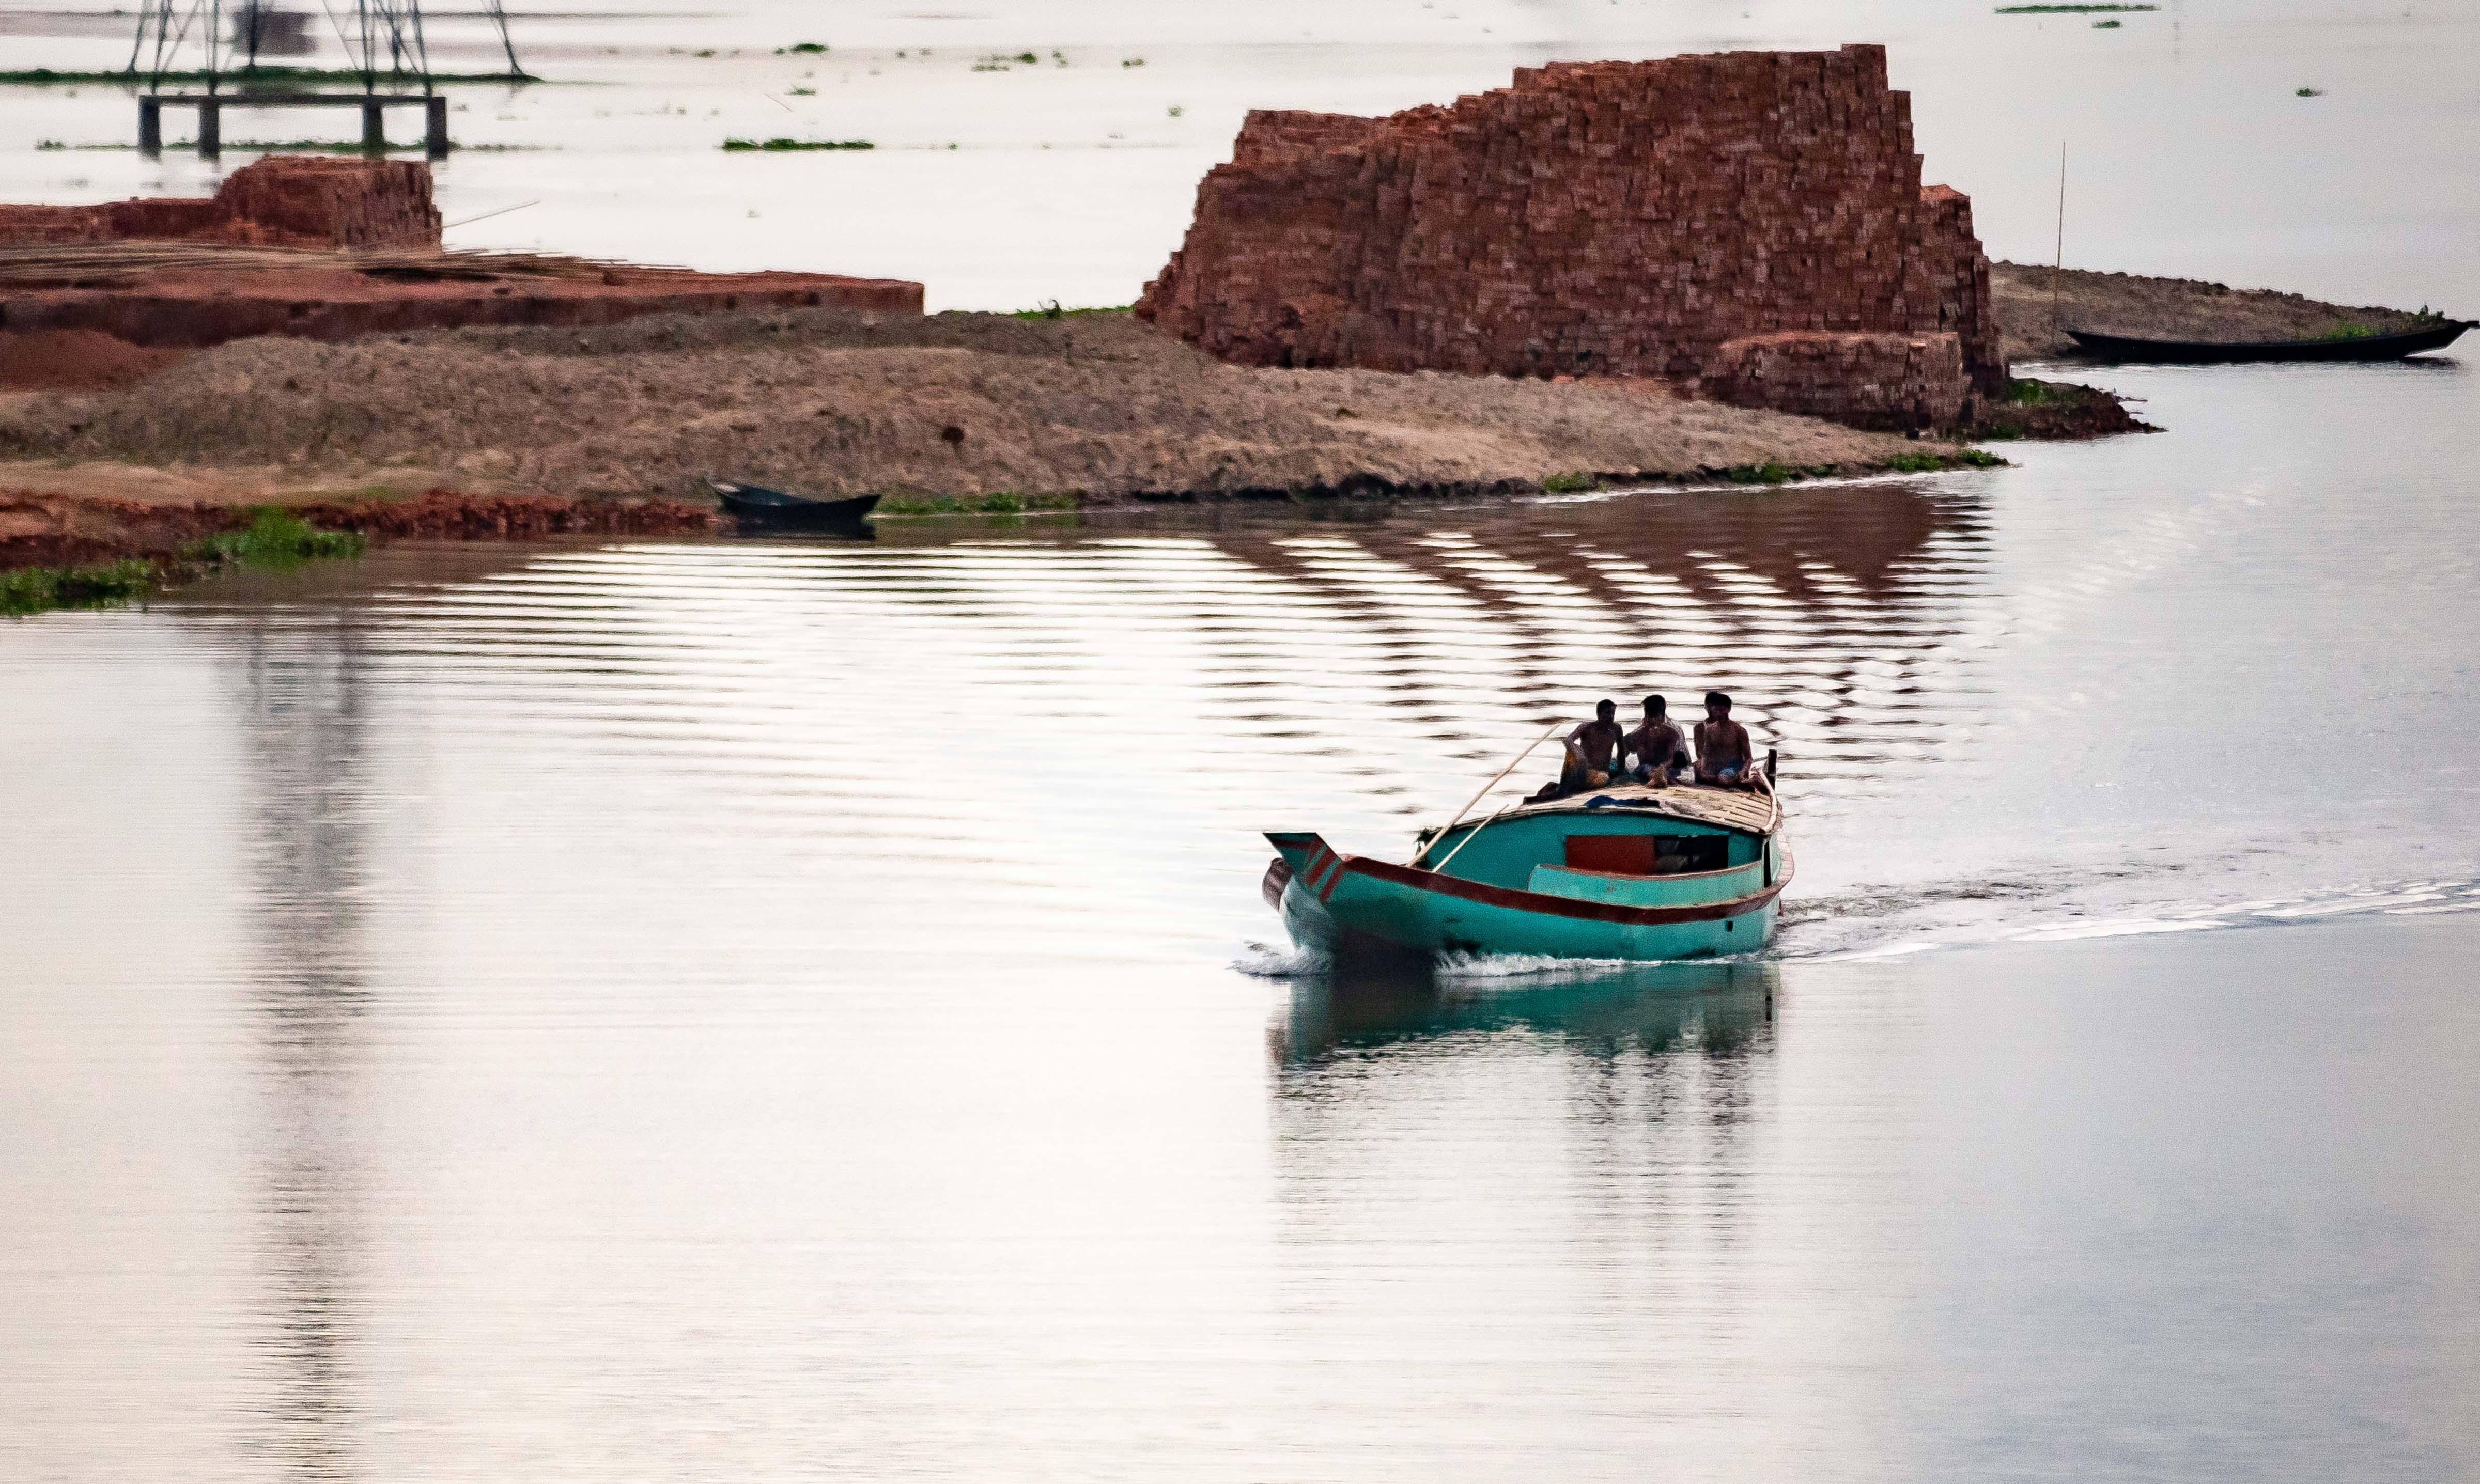 Bangladesh, Brahmanbaria Prov, River Boat, 2009, IMG 8519